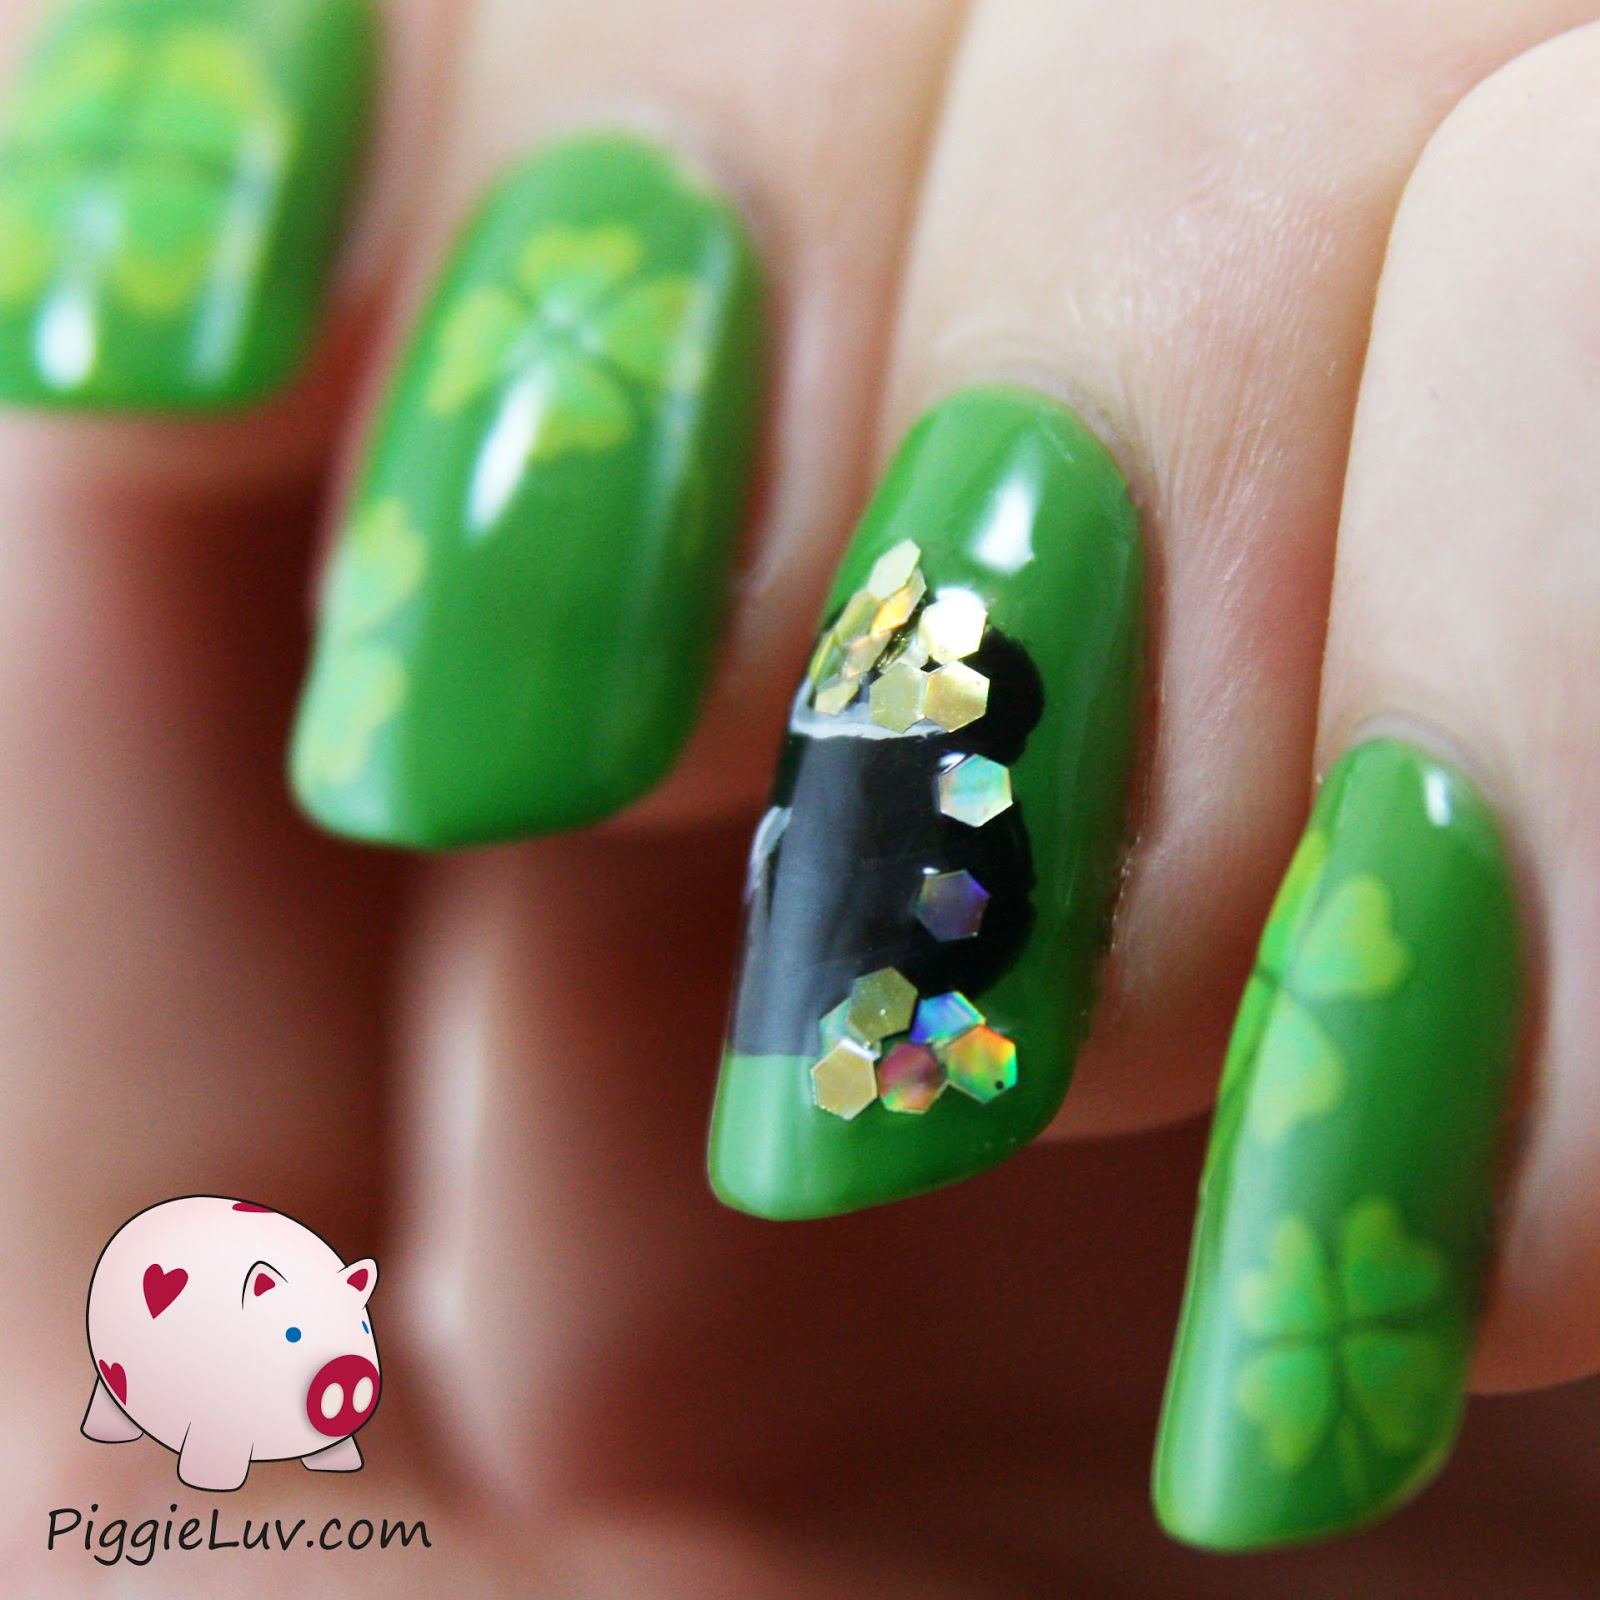 PiggieLuv: St. Patrick\'s Day nail art